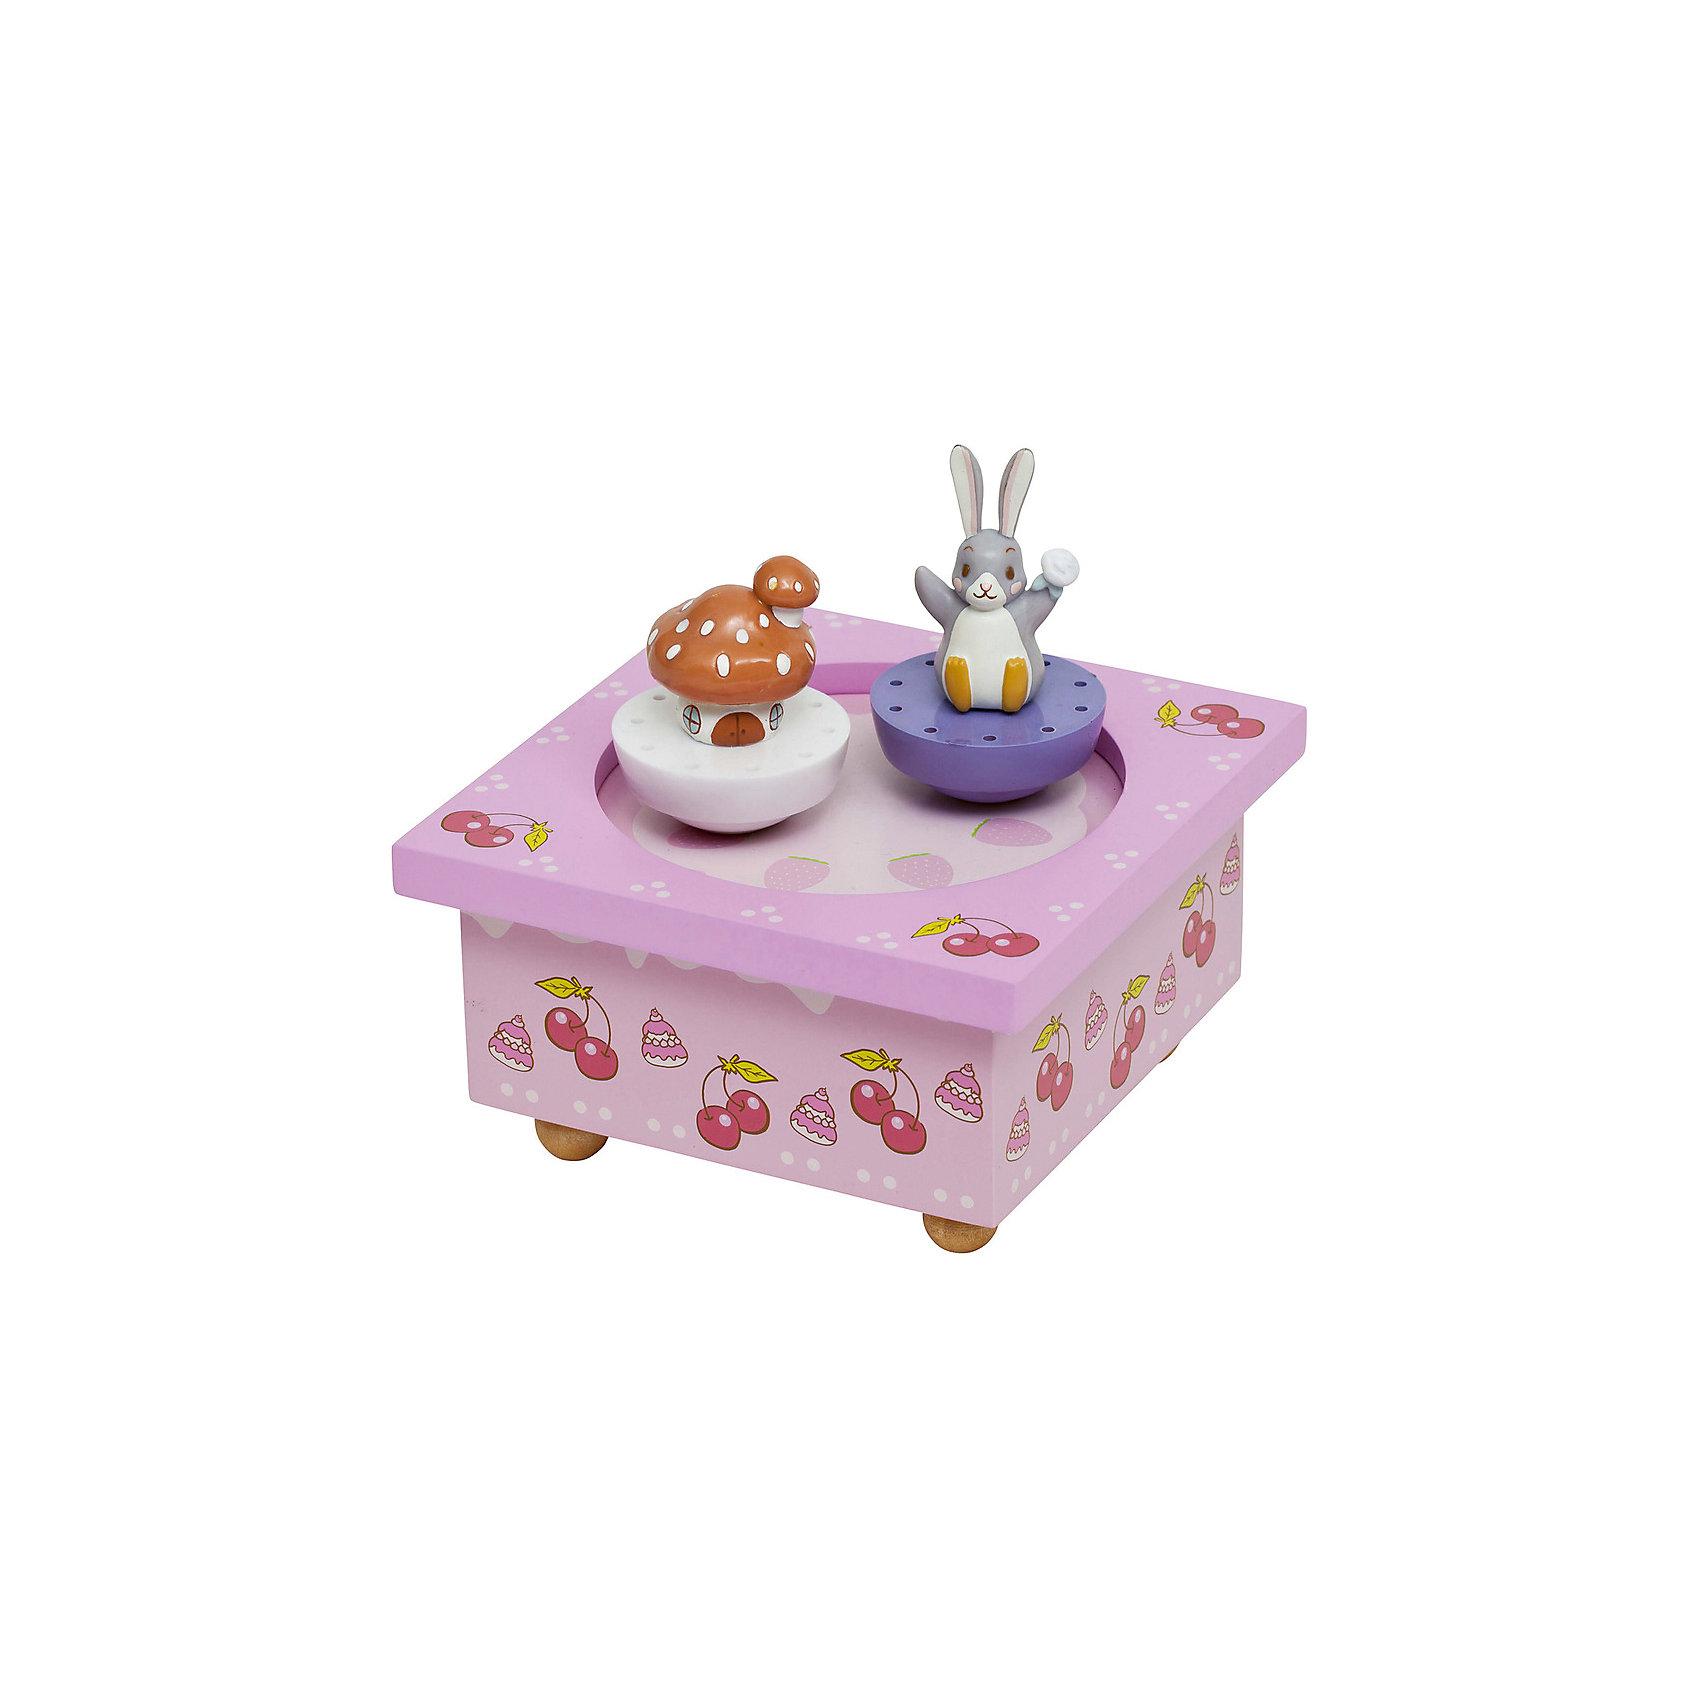 Музыкальная шкатулка Lapingouin©&#13;, TrousselierМузыкальная шкатулка Lapingouin©&#13;, Trousselier<br><br>ВНИМАНИЕ! Шкатулка предназначена для декора комнаты, она не открывается и хранить в ней разные мелочи и бижутерию невозможно.<br><br>Какая девочка не мечтает о музыкальной шкатулке? Подарите девочке настоящую музыкальную шкатулку с заводным механизмом от французской компании Trousselier. Шкатулка проигрывает приятную мелодию, заводится с помощью ключика.<br>Она выглядит очень красиво - на ней симпатичные фигурки, которые кружатся при проигрывании мелодии. Шкатулка упакована в подарочную коробку производителя. Изделие произведено из высококачественных материалов, и соответствует европейским стандартам безопасности.<br><br>Дополнительная информация:<br><br>цвет: разноцветный;<br>материал: дерево;<br>подарочная упаковка;<br>заводной механизм;<br>размер: 11 х 11 х 7 см.<br><br>Музыкальную шкатулку Lapingouin© от французской компании Trousselier можно купить в нашем магазине.<br><br>Ширина мм: 114<br>Глубина мм: 114<br>Высота мм: 70<br>Вес г: 380<br>Возраст от месяцев: 12<br>Возраст до месяцев: 216<br>Пол: Женский<br>Возраст: Детский<br>SKU: 4961876